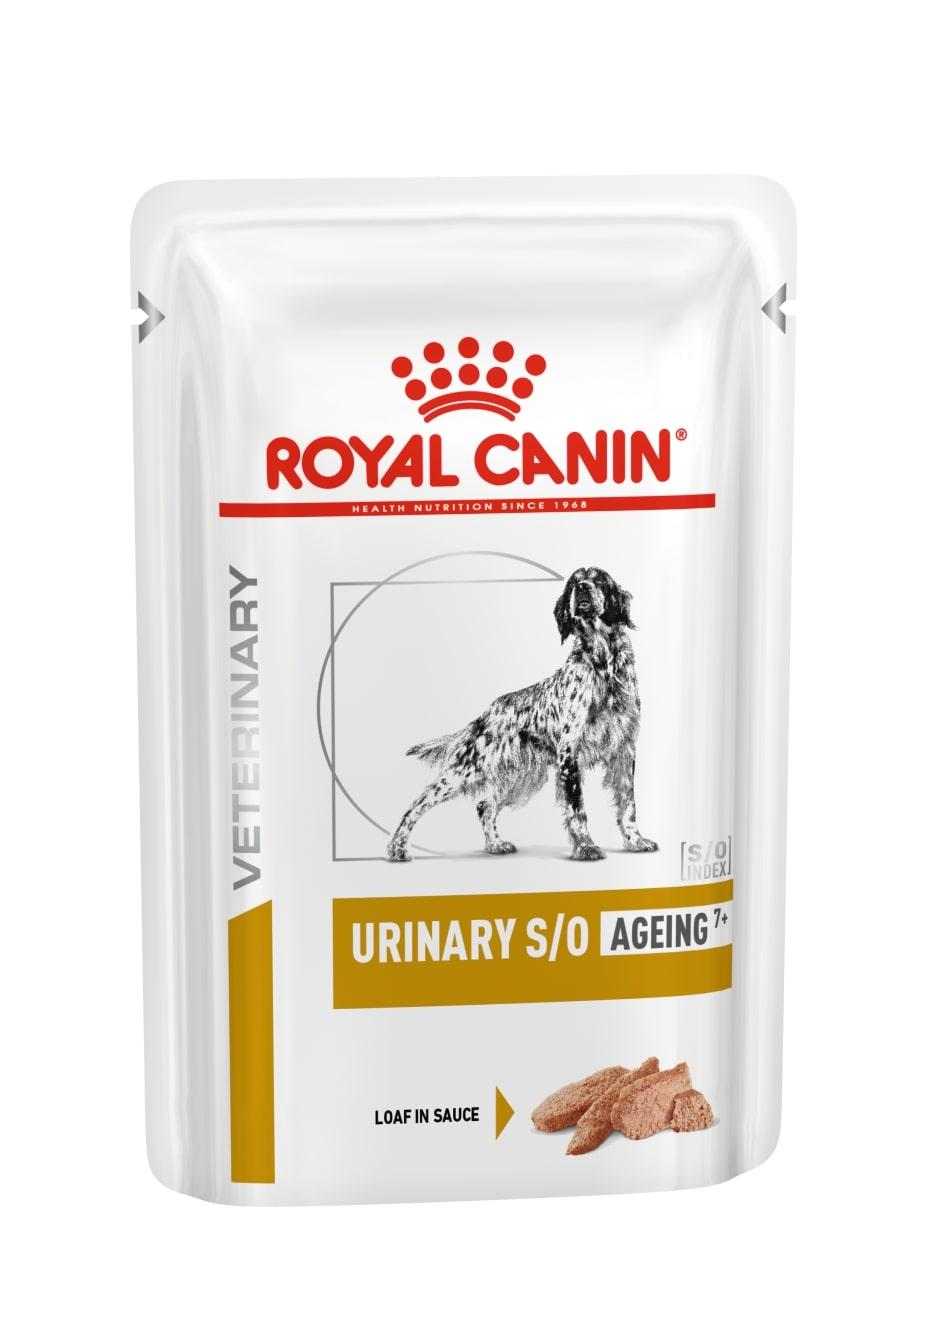 ROYAL CANINE URINARY S/OAgeing 7+ – лечебный влажный корм, паштет в соусе, для собак старше 7 лет при заболеваниях мочевыводящих путей